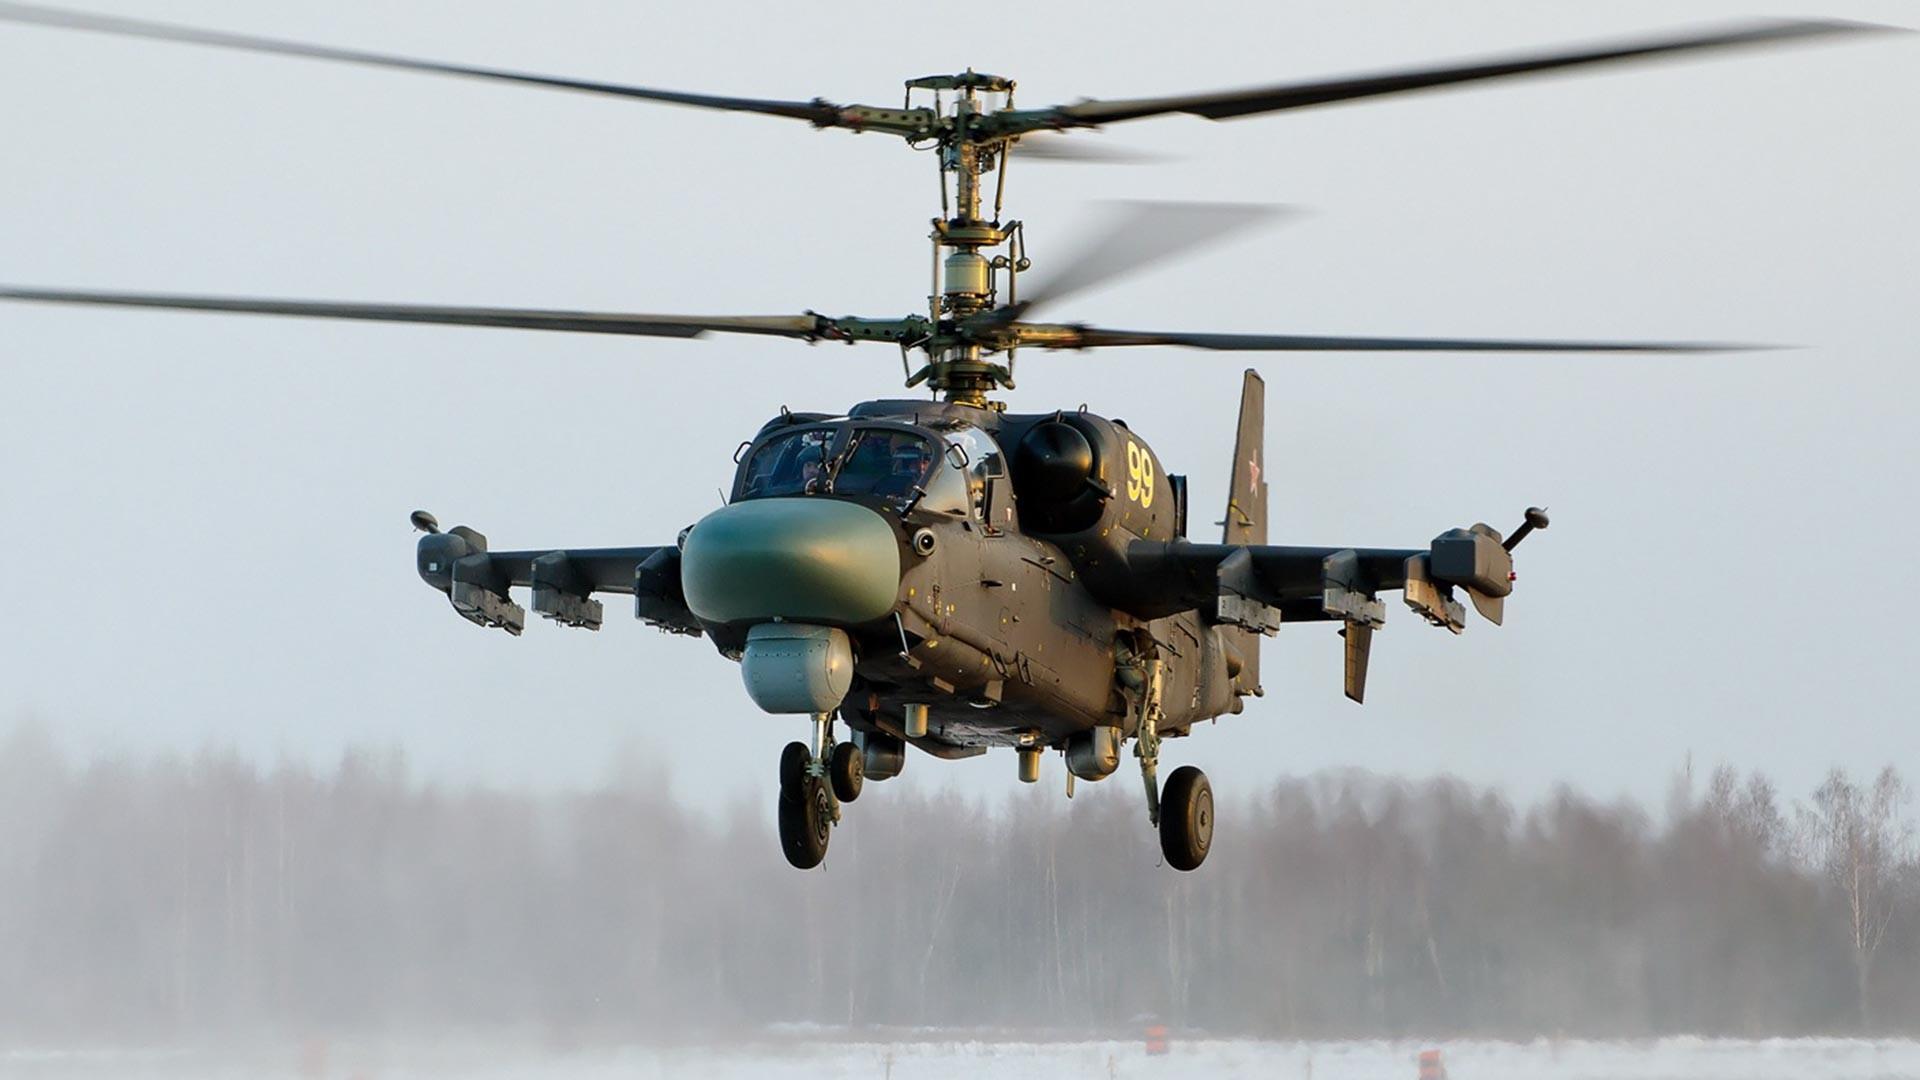 Serial Ka-52 at Torzhok Air Base